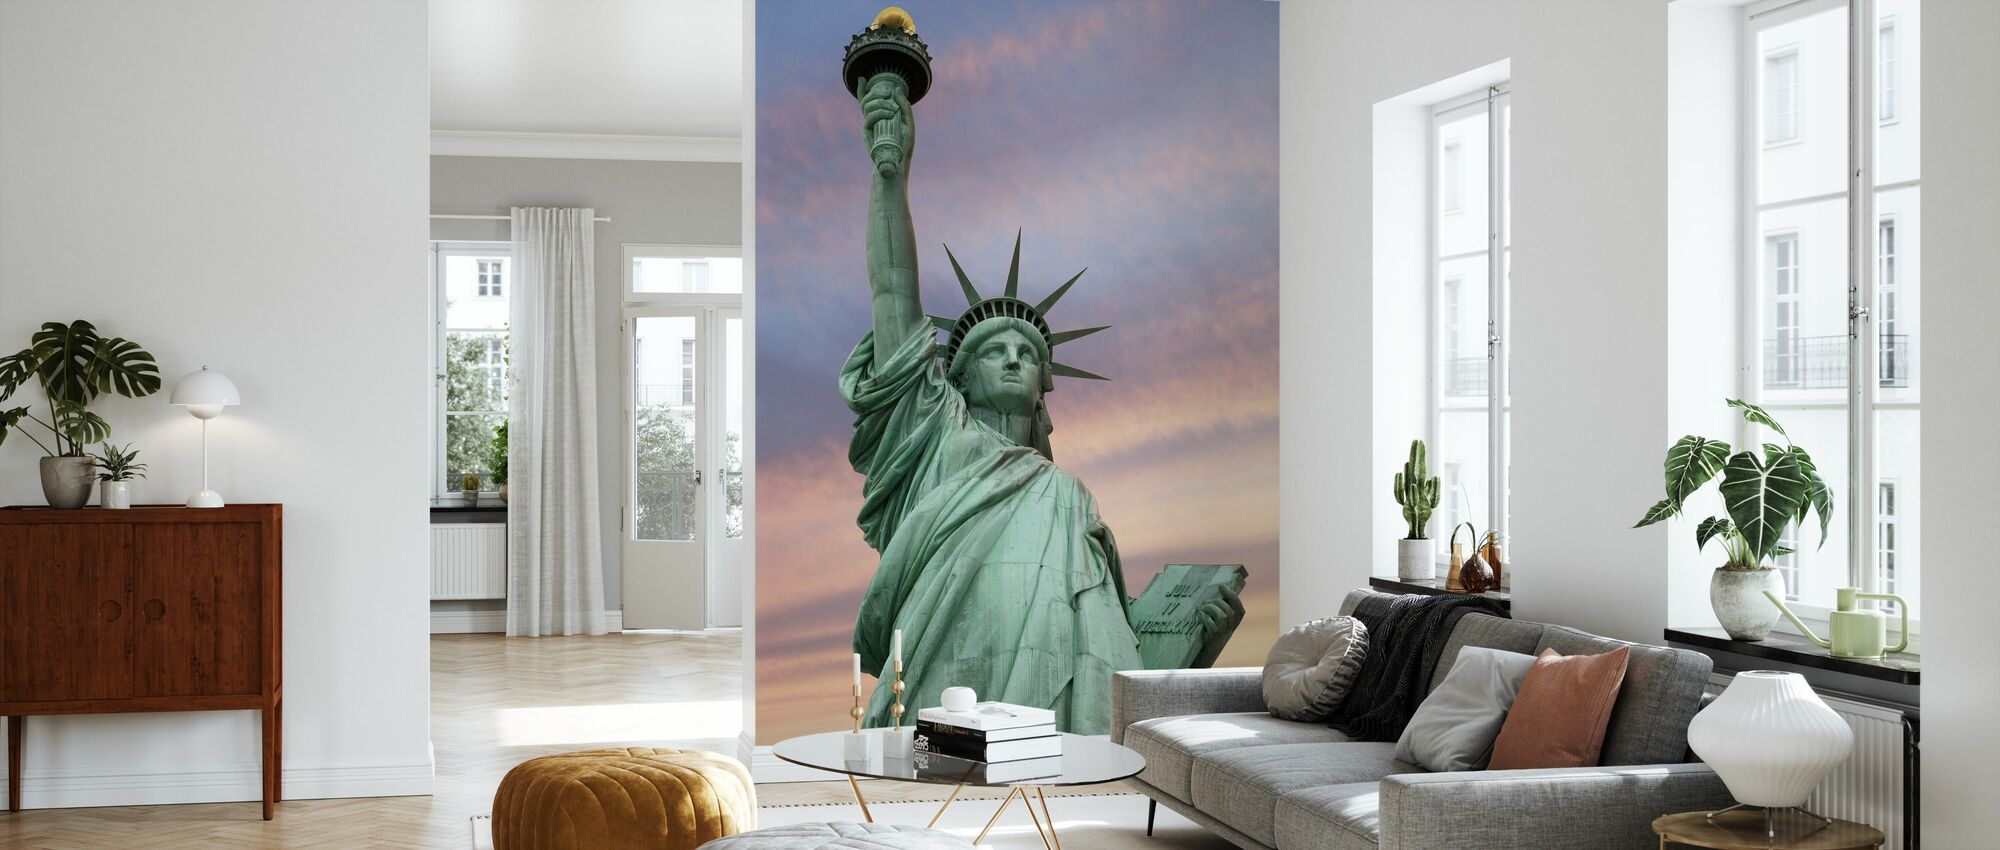 Statua della Libertà sotto un cielo vivido - Carta da parati - Salotto